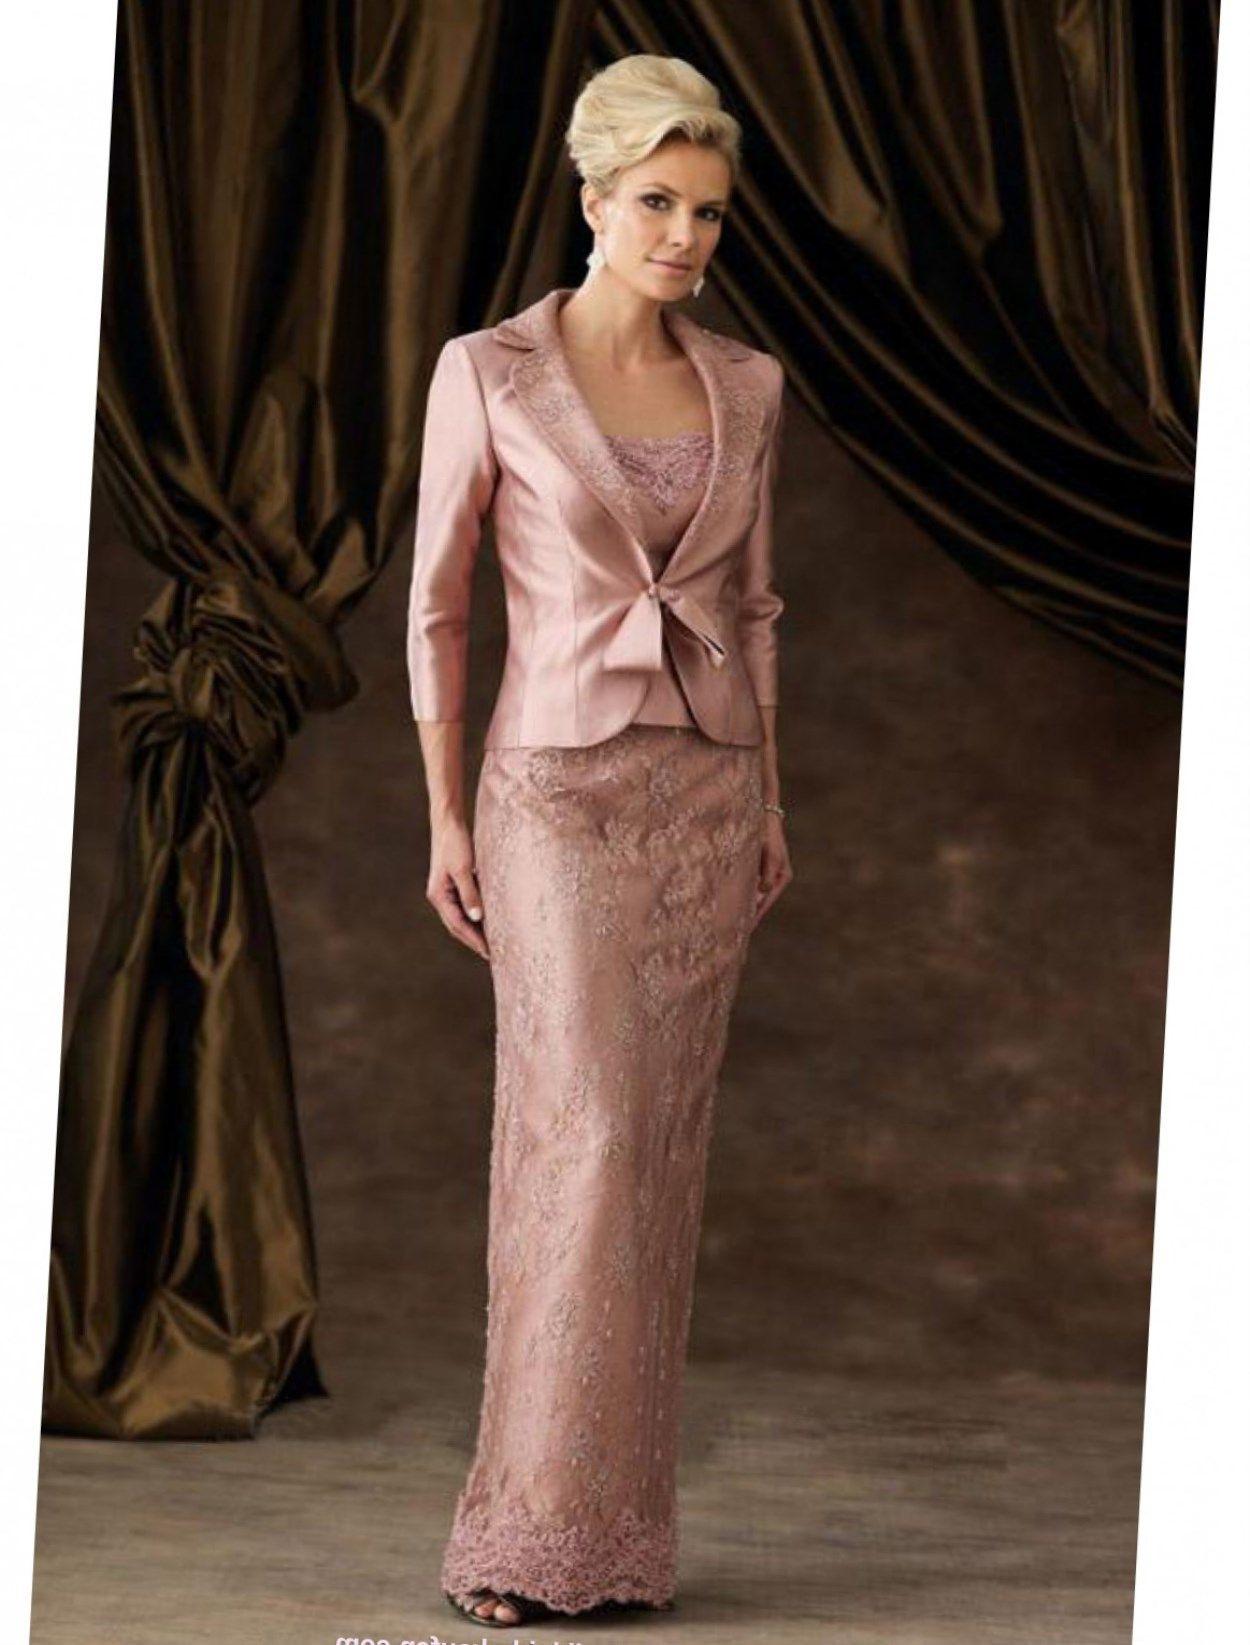 20 Top Frauen Abend Kleider Spezialgebiet13 Wunderbar Frauen Abend Kleider Design